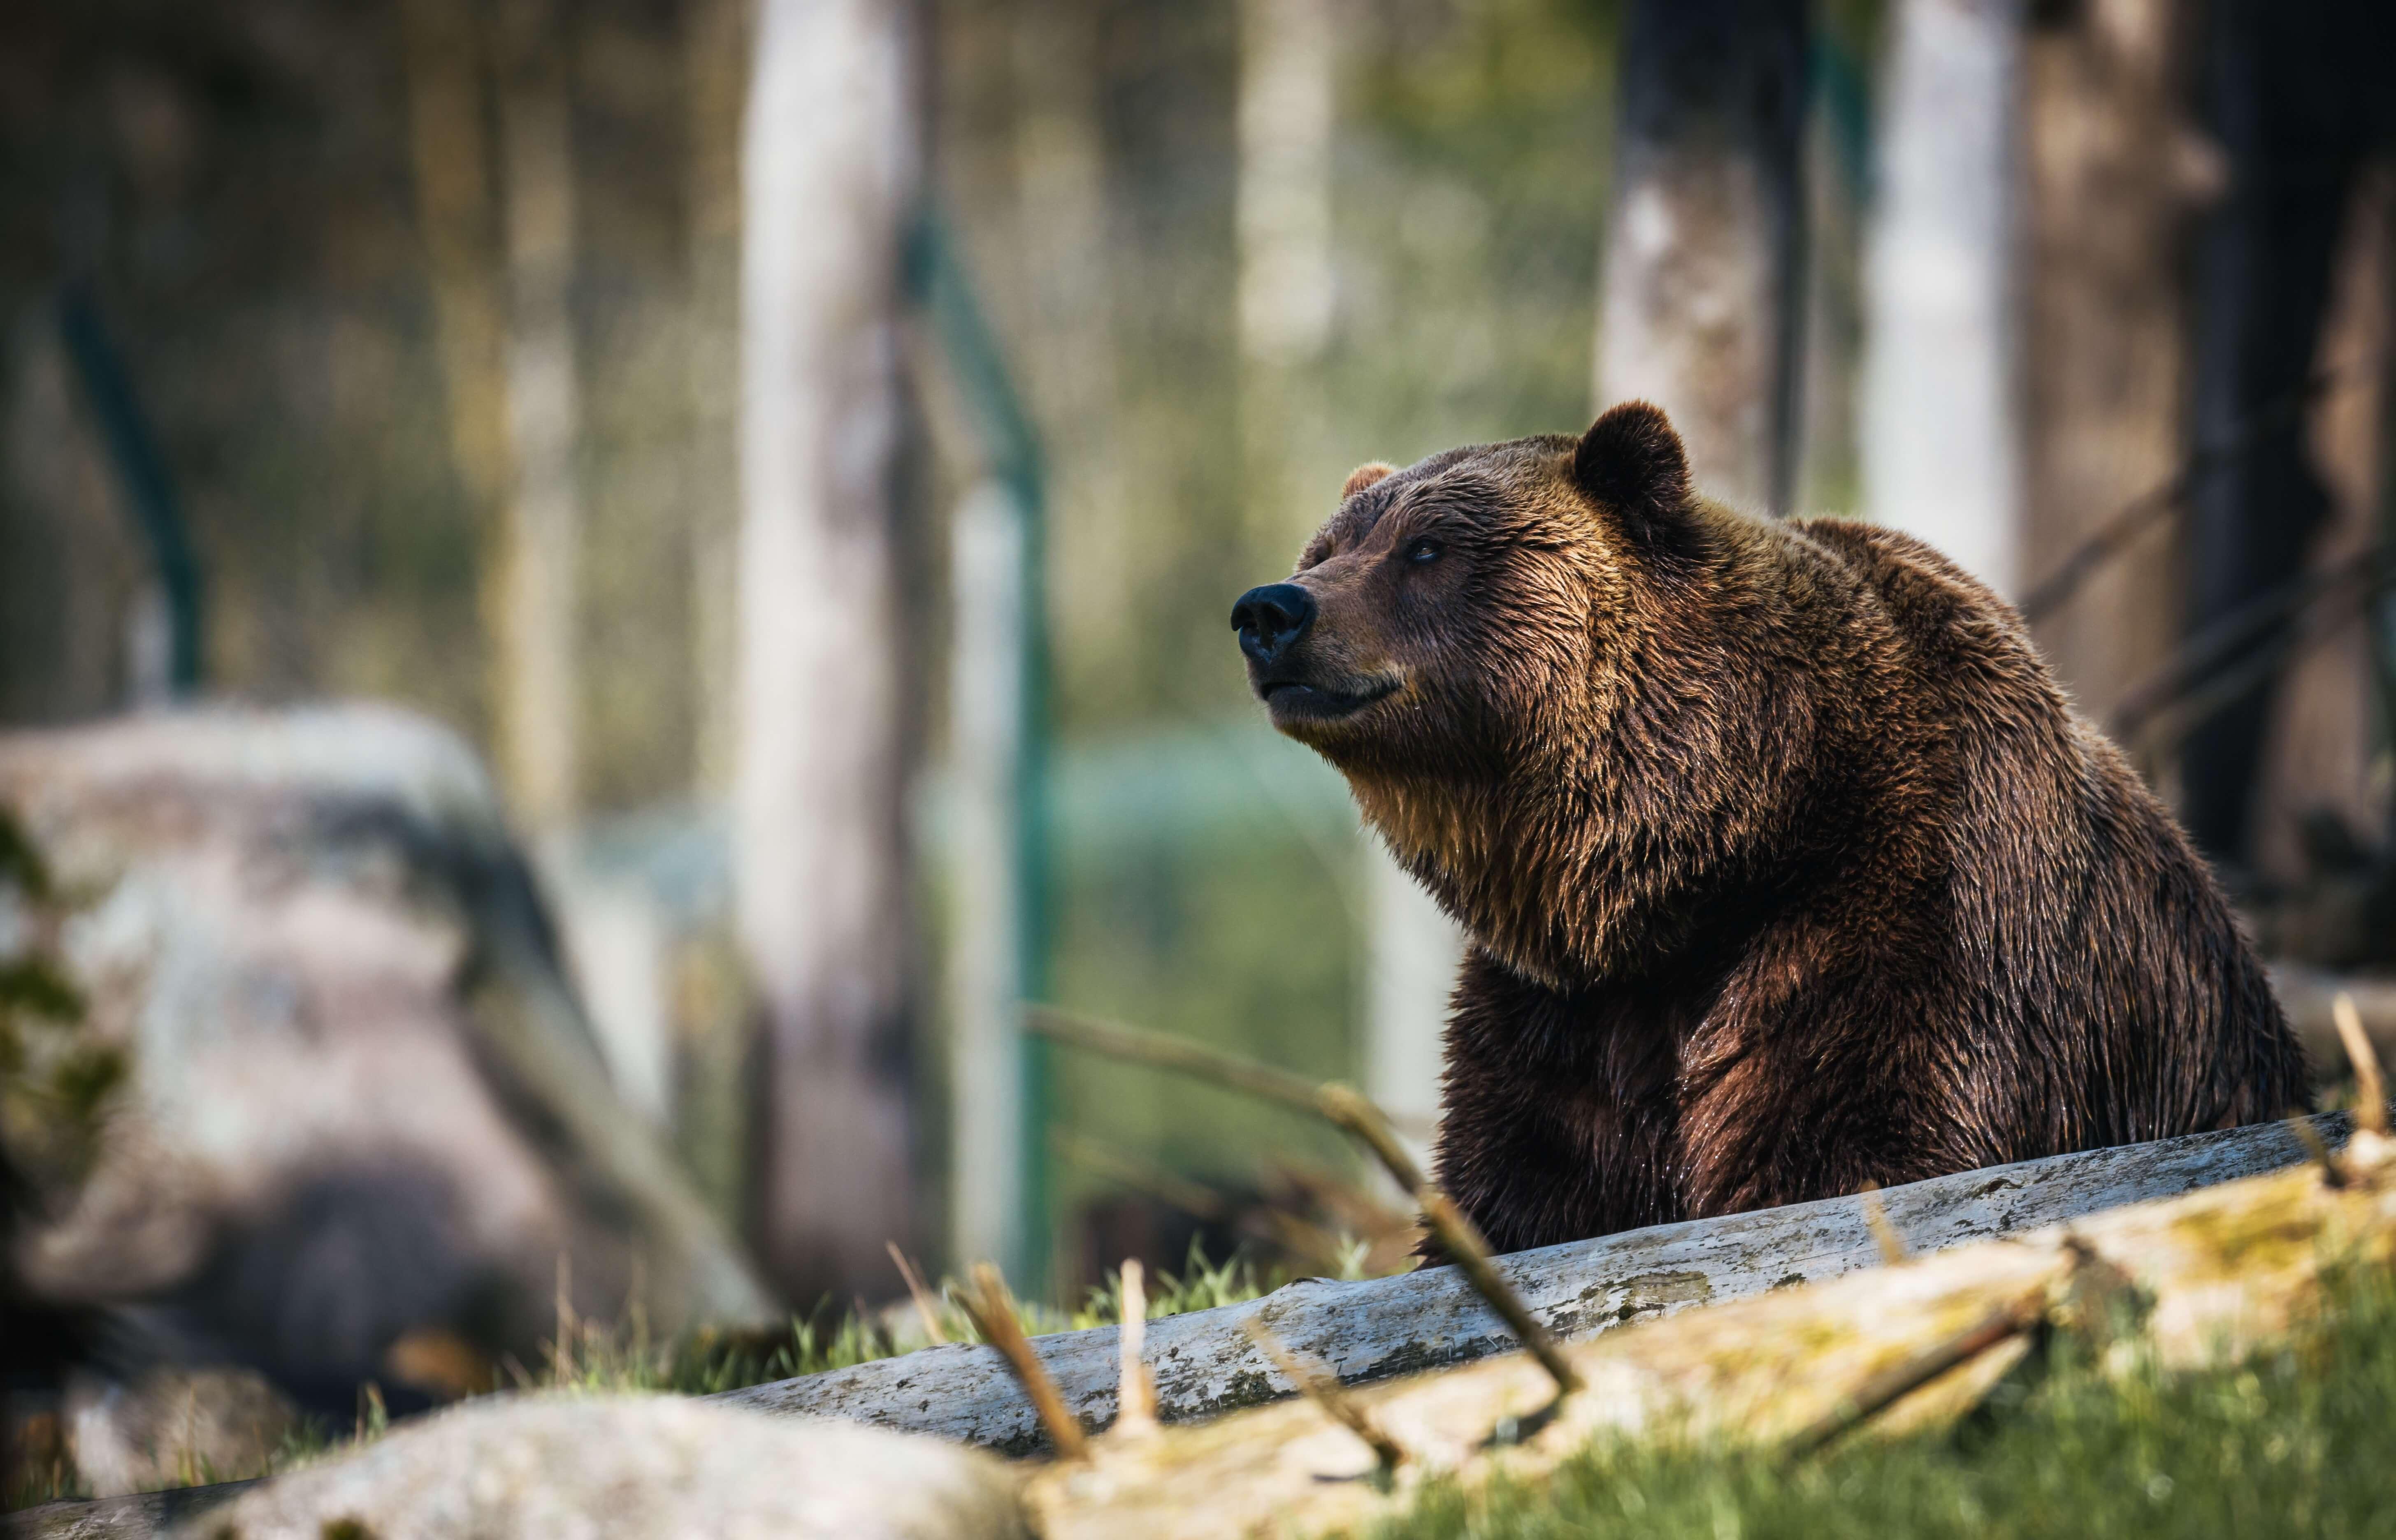 Setkání s medvědem: Jak se správně zachovat